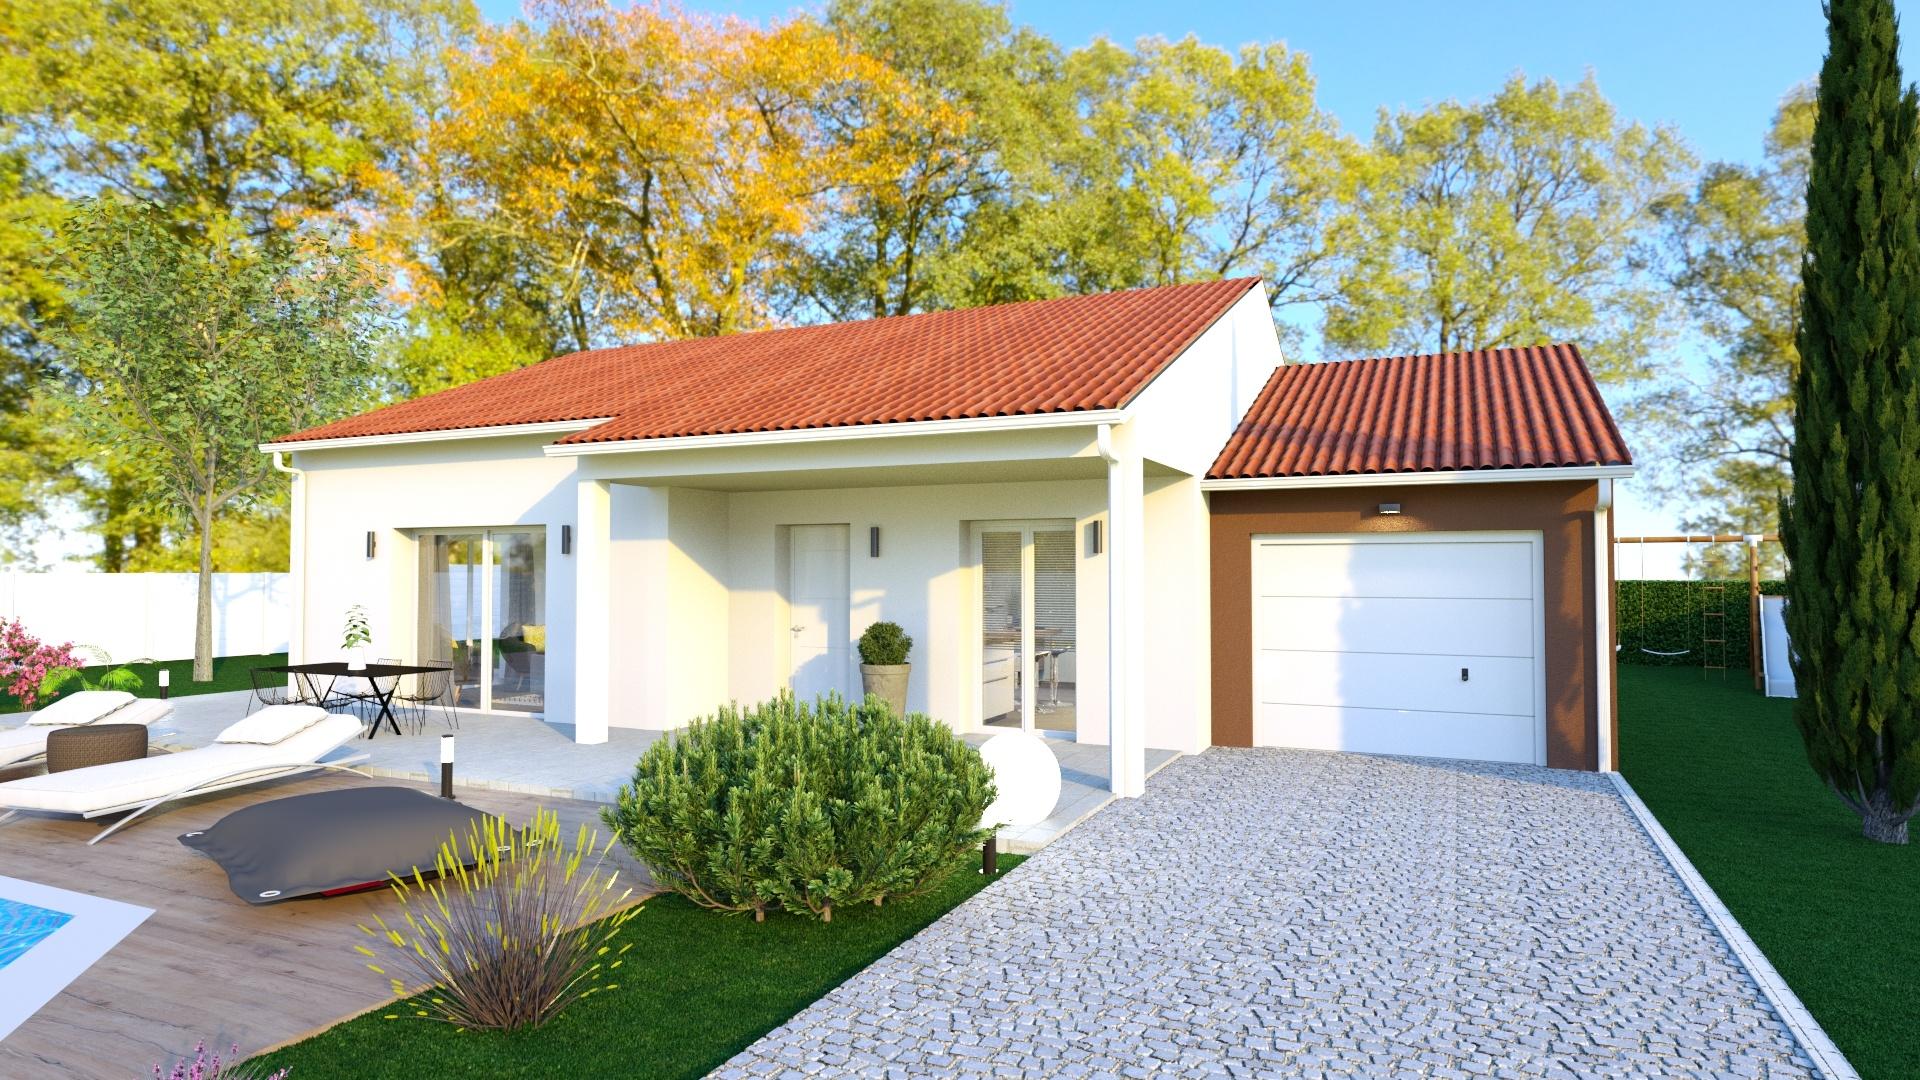 Maisons + Terrains du constructeur LOGIVELAY • 90 m² • LE PUY EN VELAY